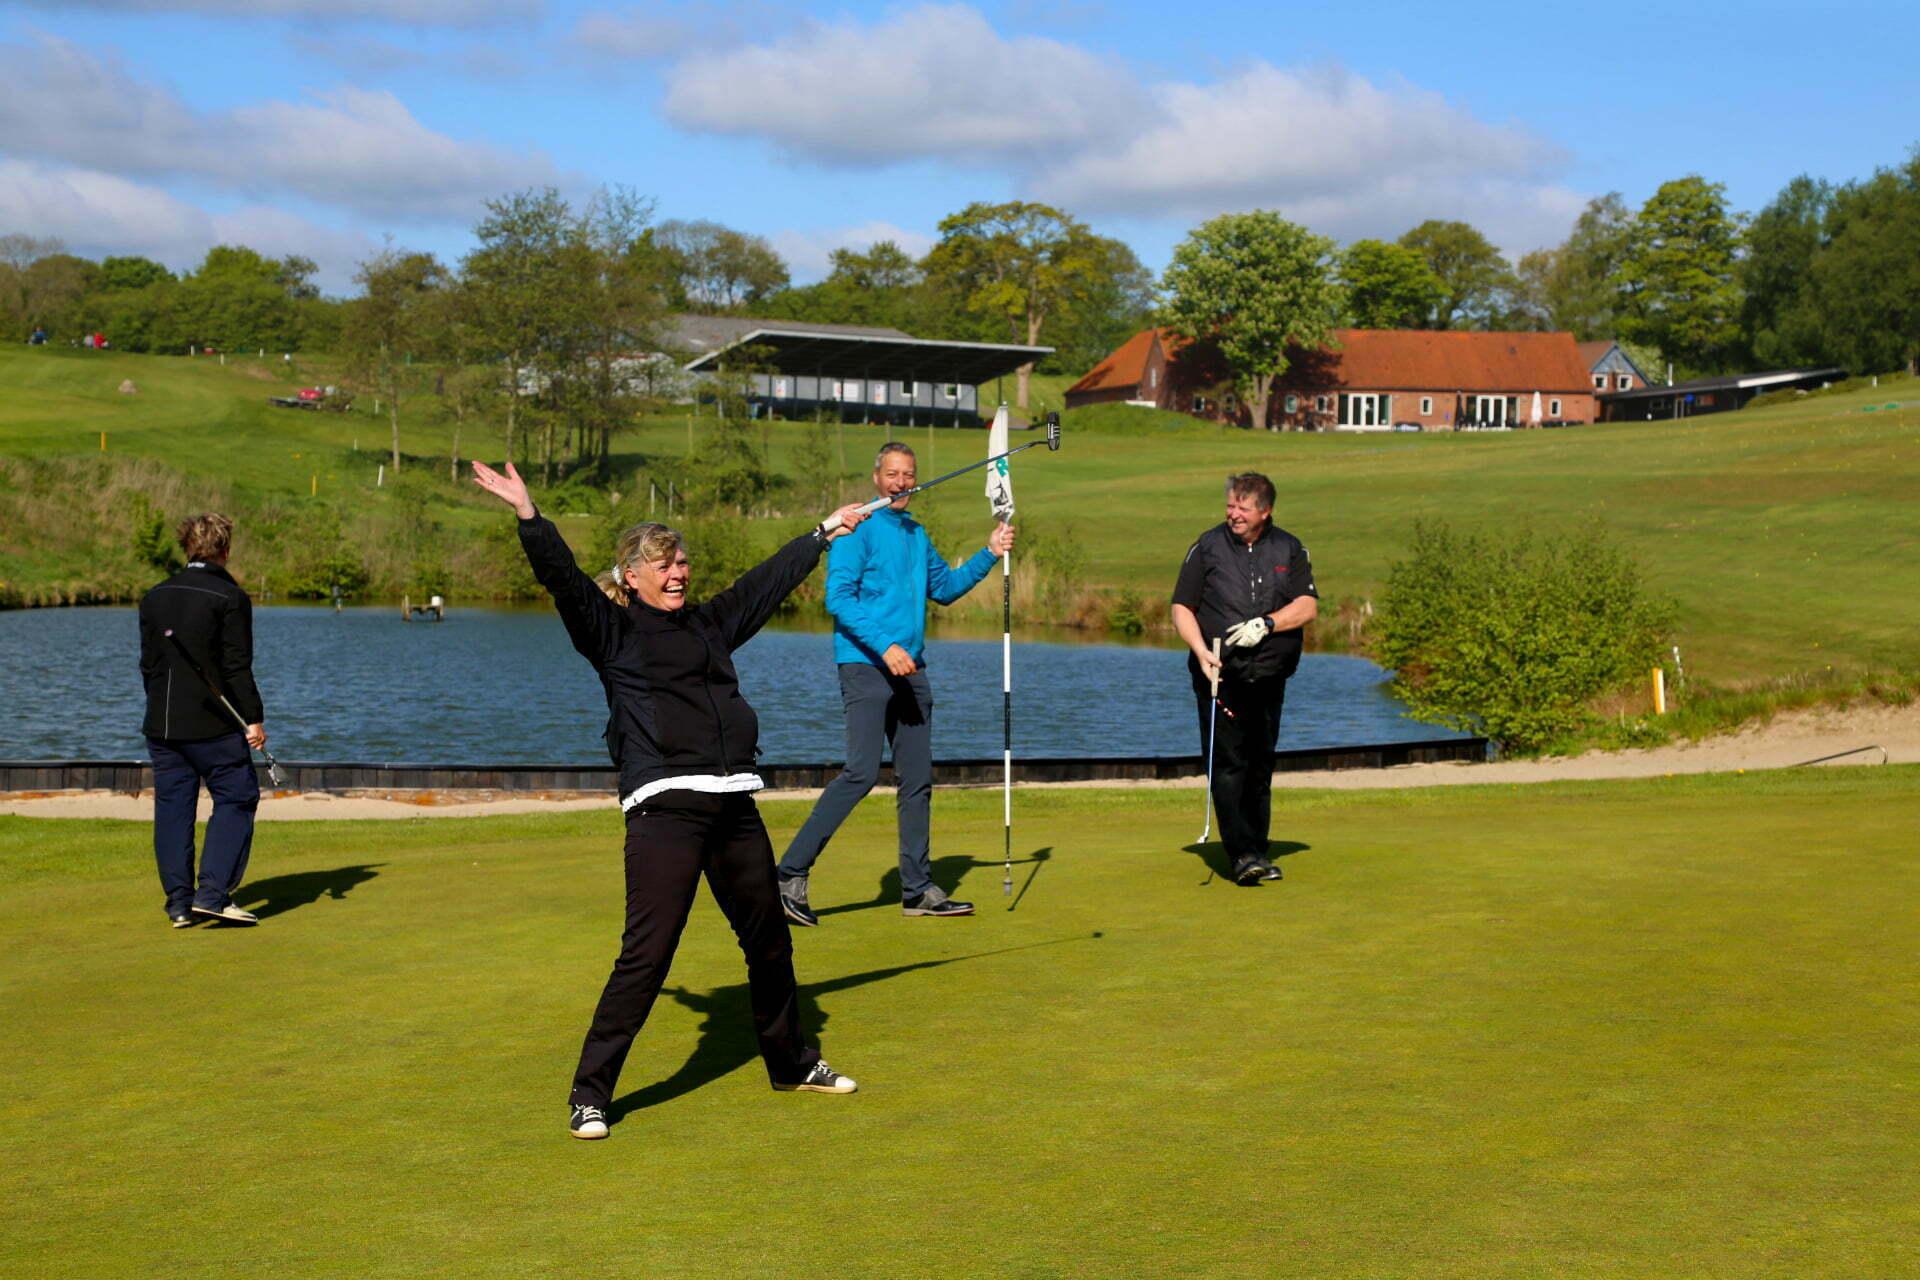 Birkemose Golf Club